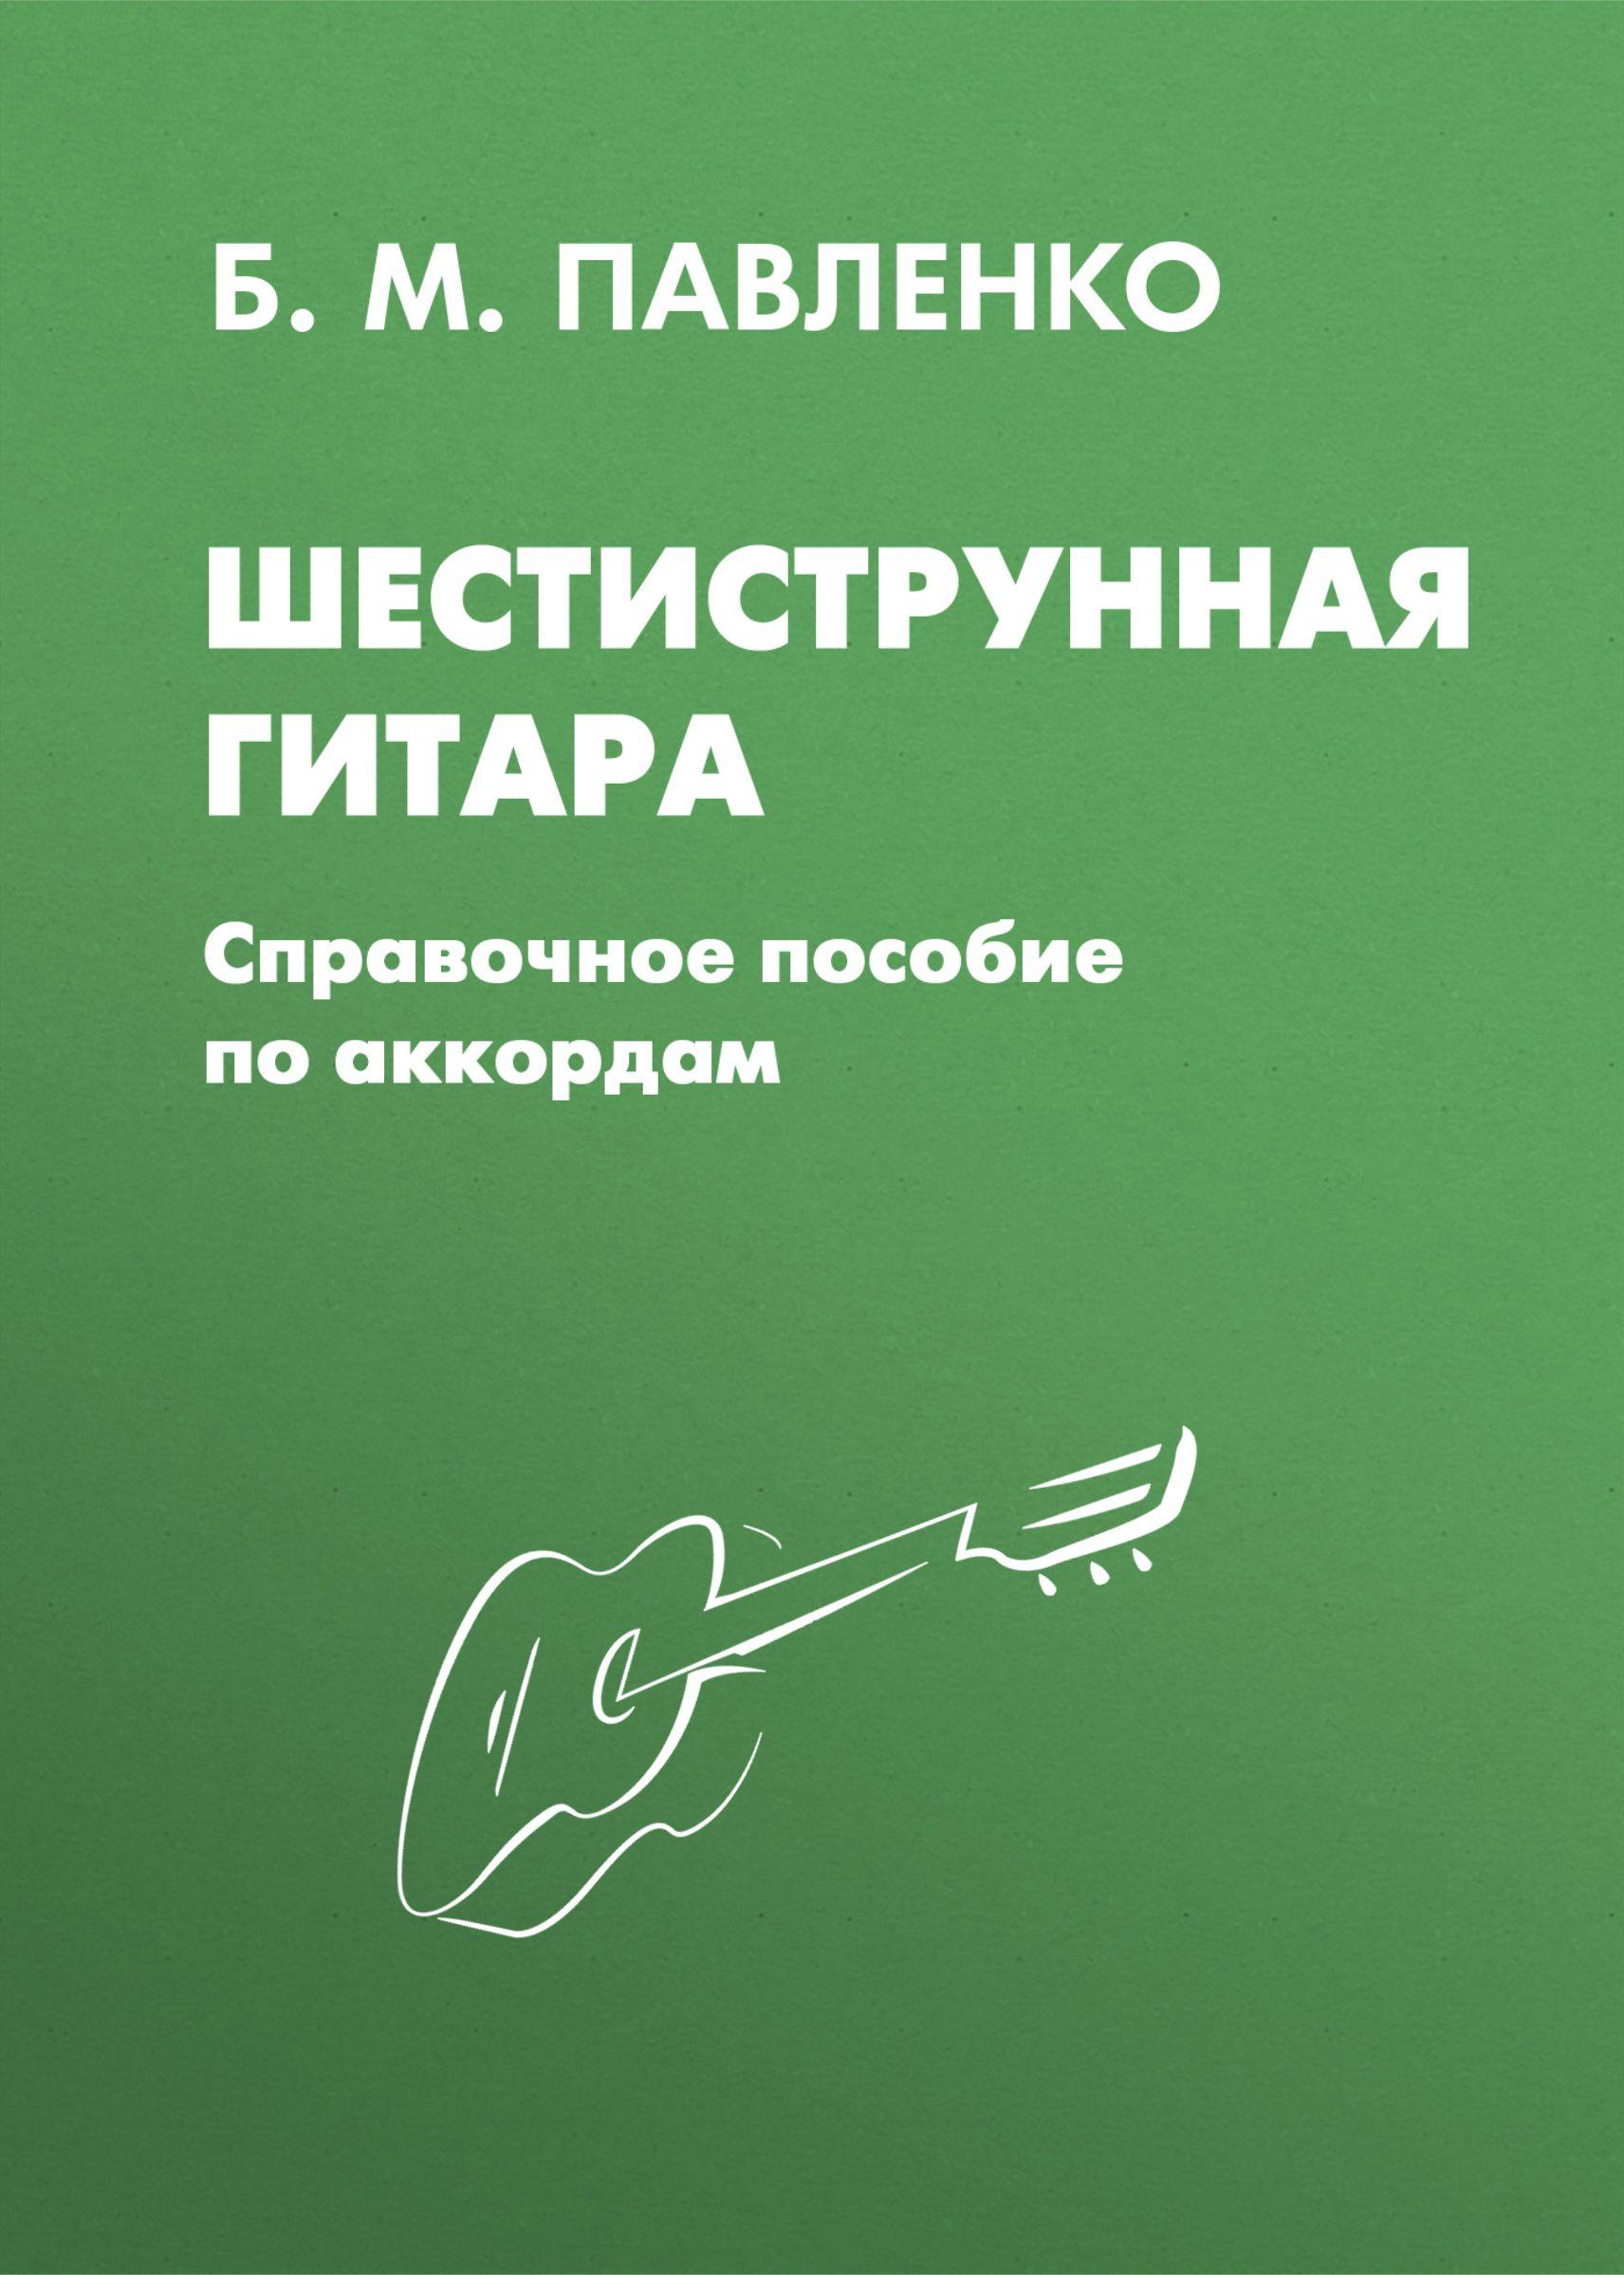 Б. М. Паленко гитара. Спраочное пособие по аккордам